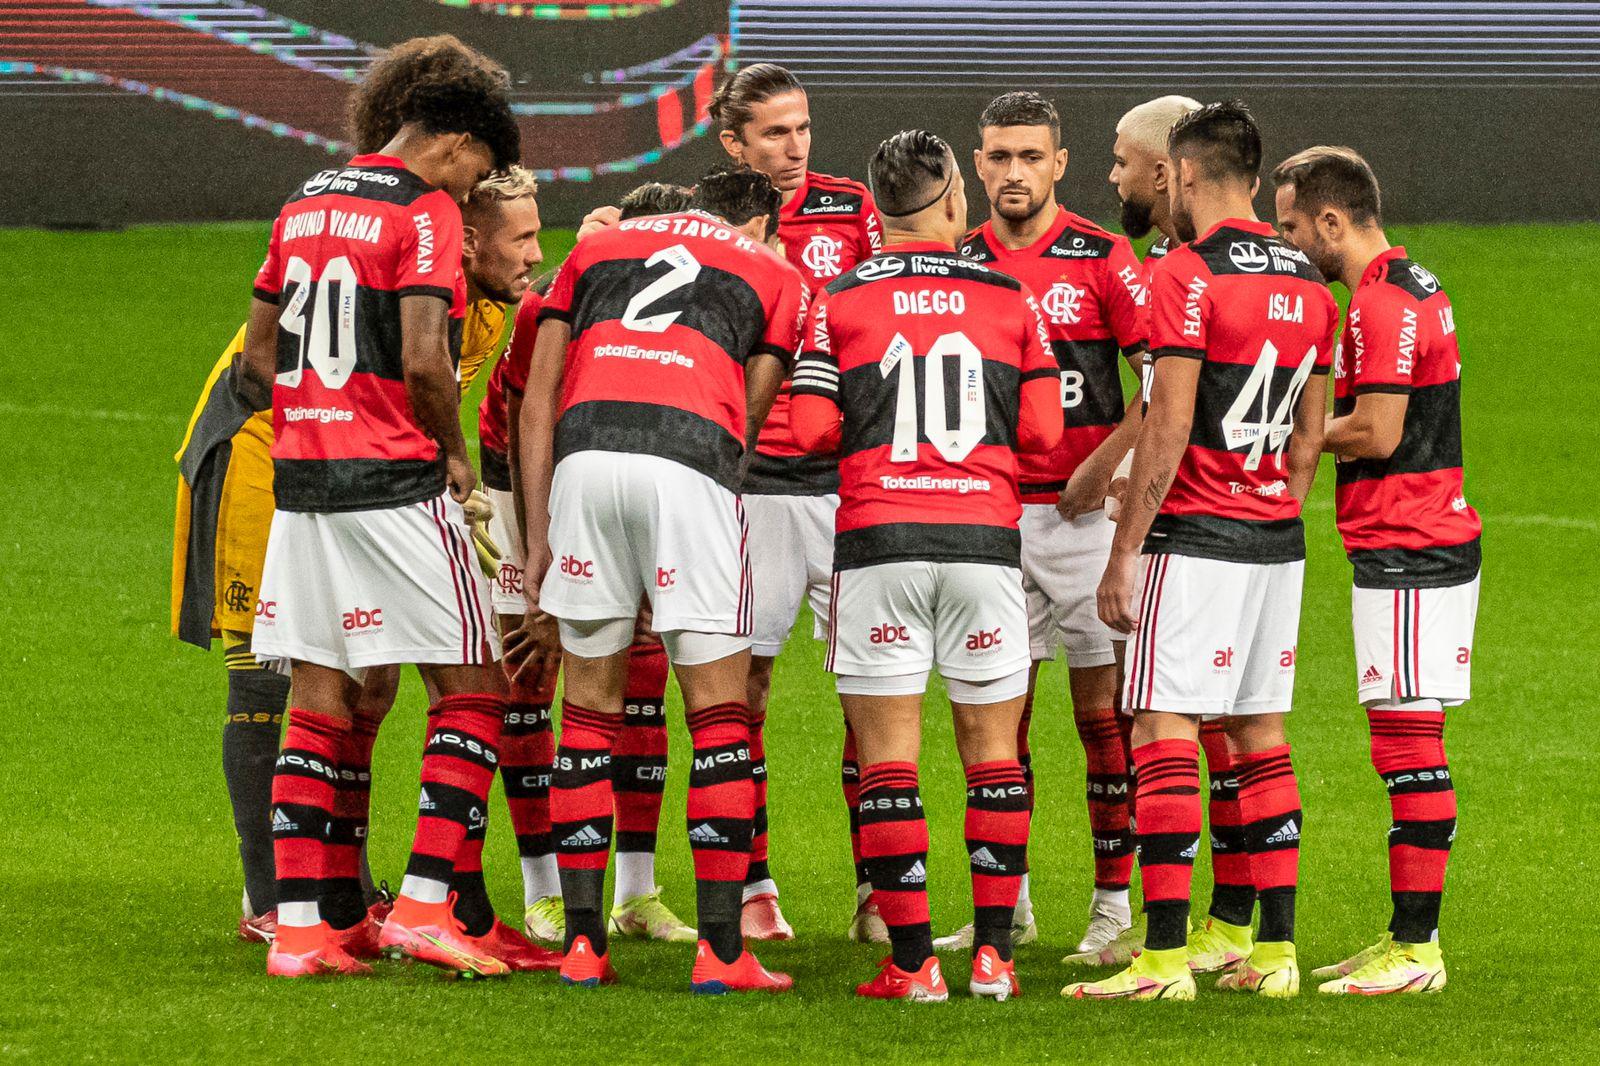 Jogadores do Flamengo se reúnem no gramado para traçar estratégia que resultou em goleada (Foto: Alexandre Vidal/CRF)